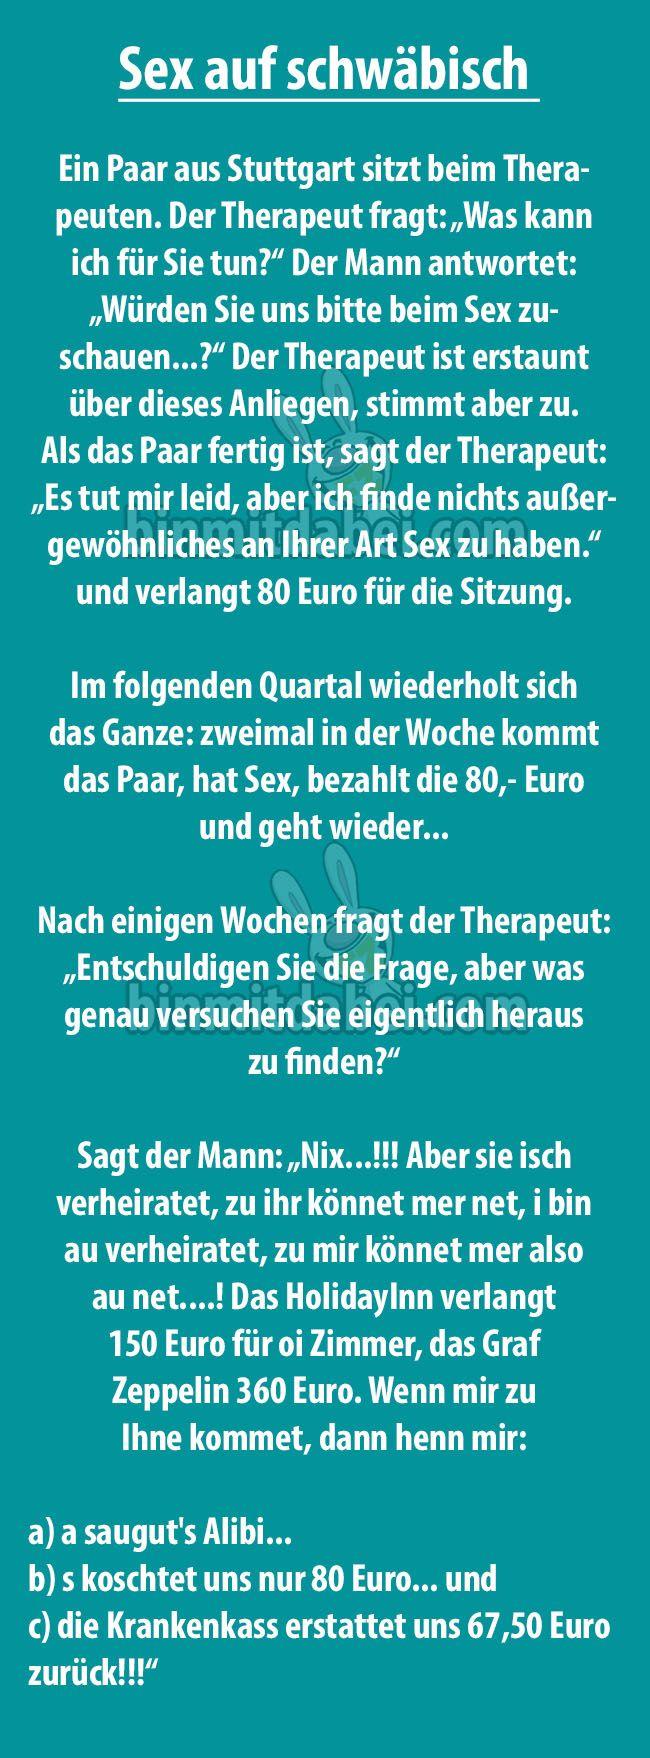 Ein Paar aus Stuttgart geht regelmäßig zum Therapeuten, um vor ihm Sex zu haben. Warum die Beiden das machen und welche Vorteile es mit sich bringt, erklärt uns der Schwabe.